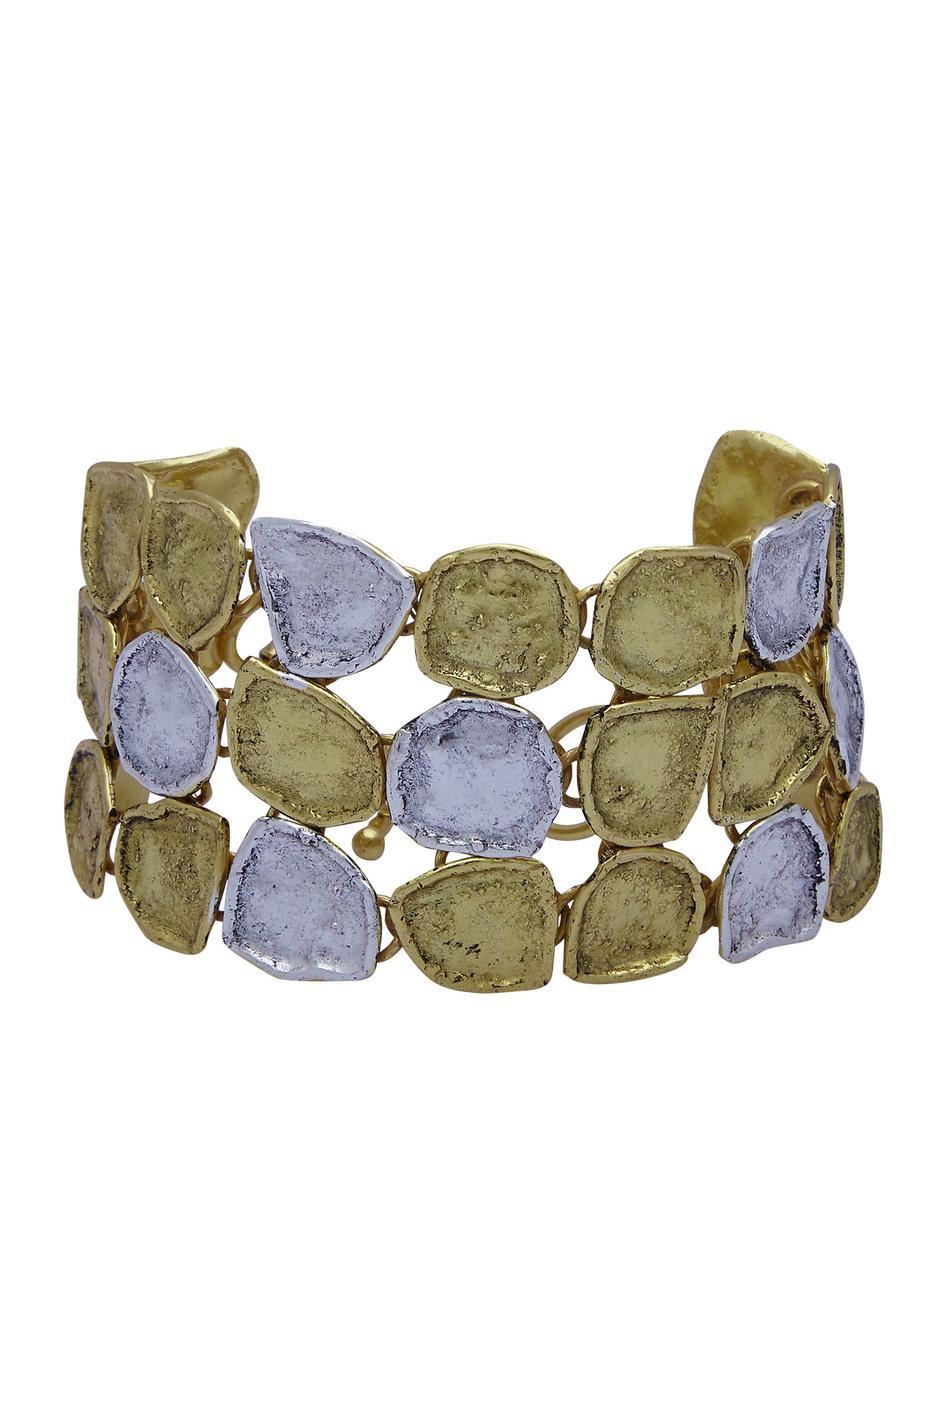 Dual tone coin bracelet